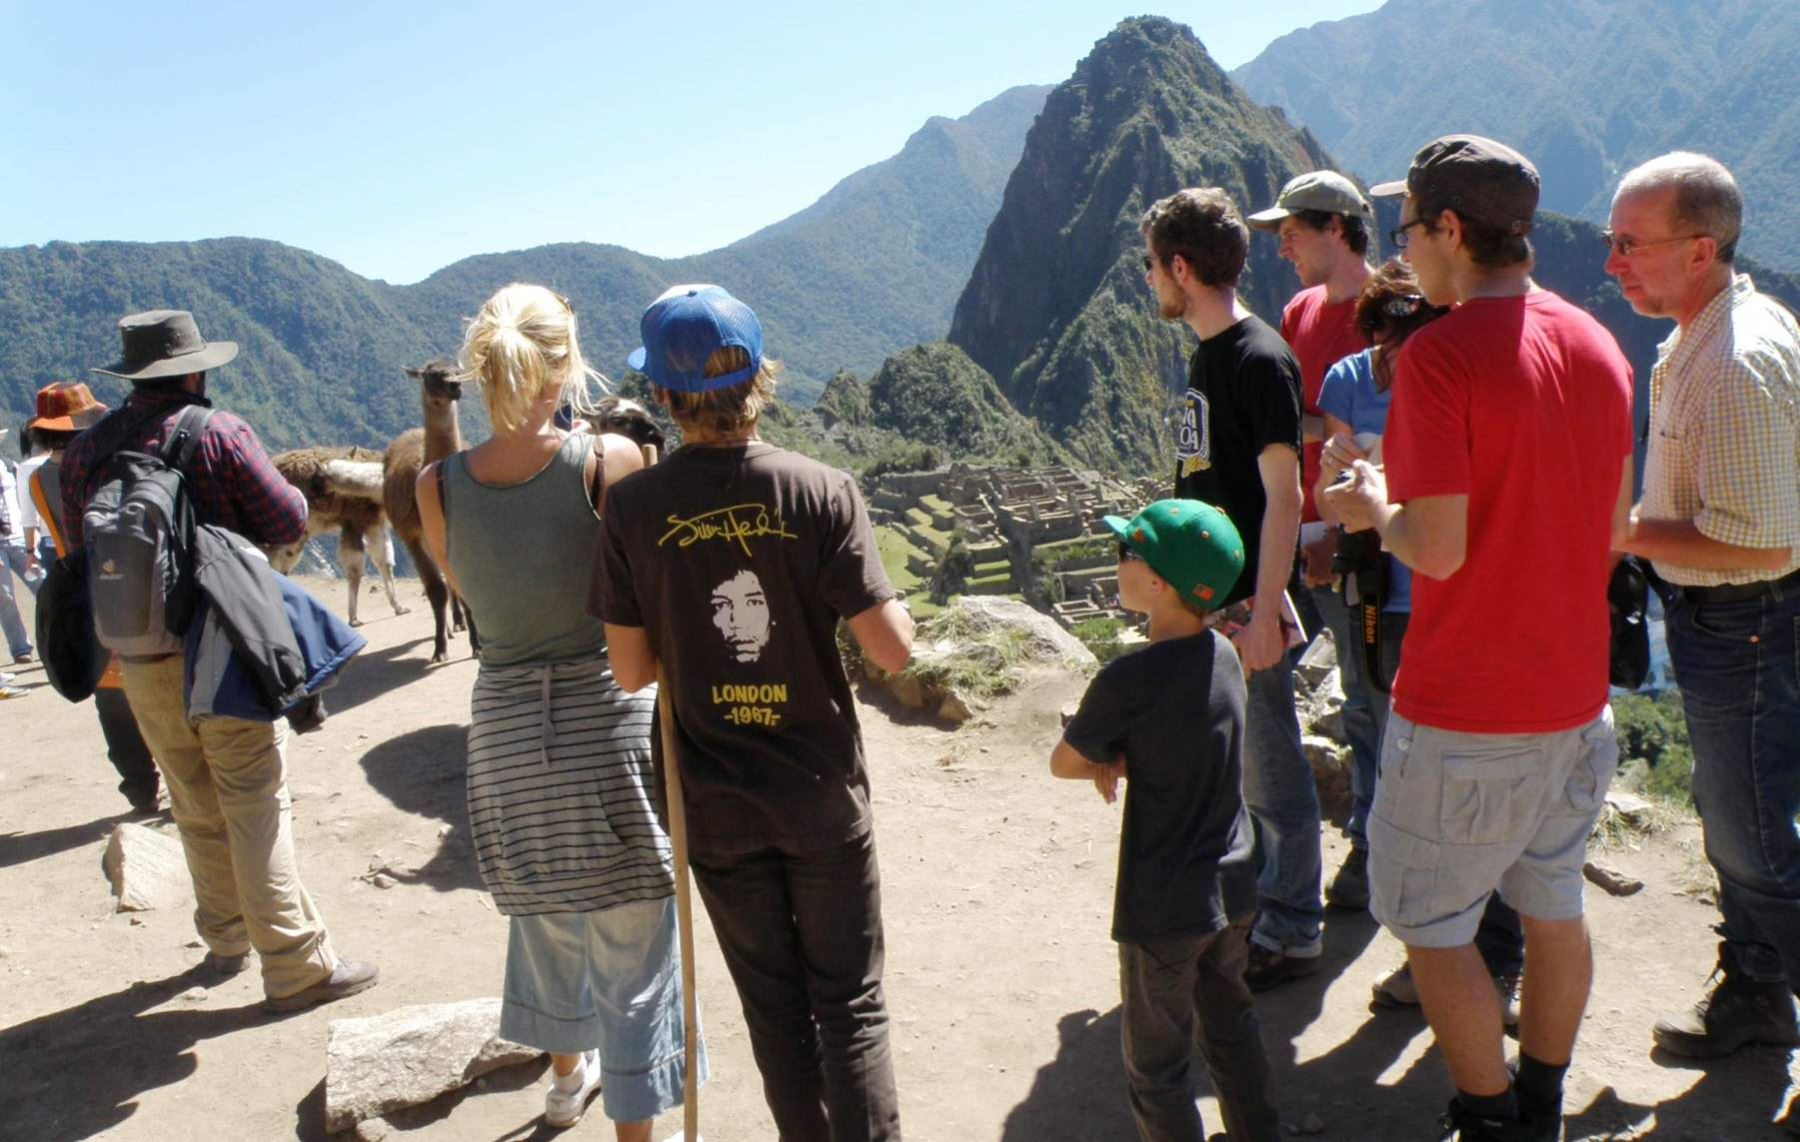 World Travel Awards reconoce a Machu Picchu como la mejor atracción turística. ANDINA/Percy Hurtado